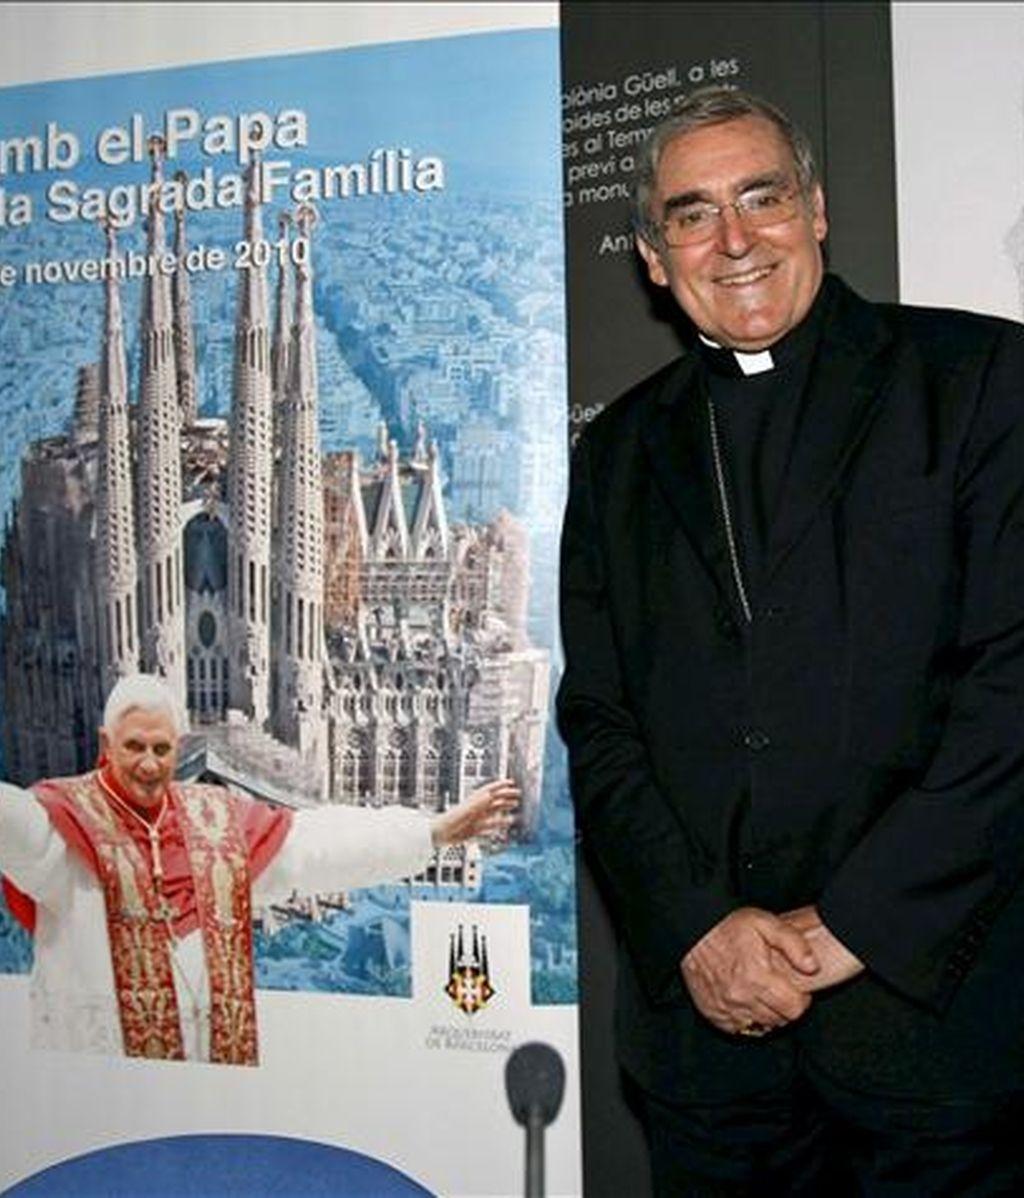 El cardenal arzobispo de Barcelona Lluis Martínez Sistach, informó hoy, en rueda de prensa en Barcelona, del programa de la visita del Papa Benedicto XVI a la ciudad condal, el 7 de noviembre, para consagrar el templo de la Sagrada Familia. EFE